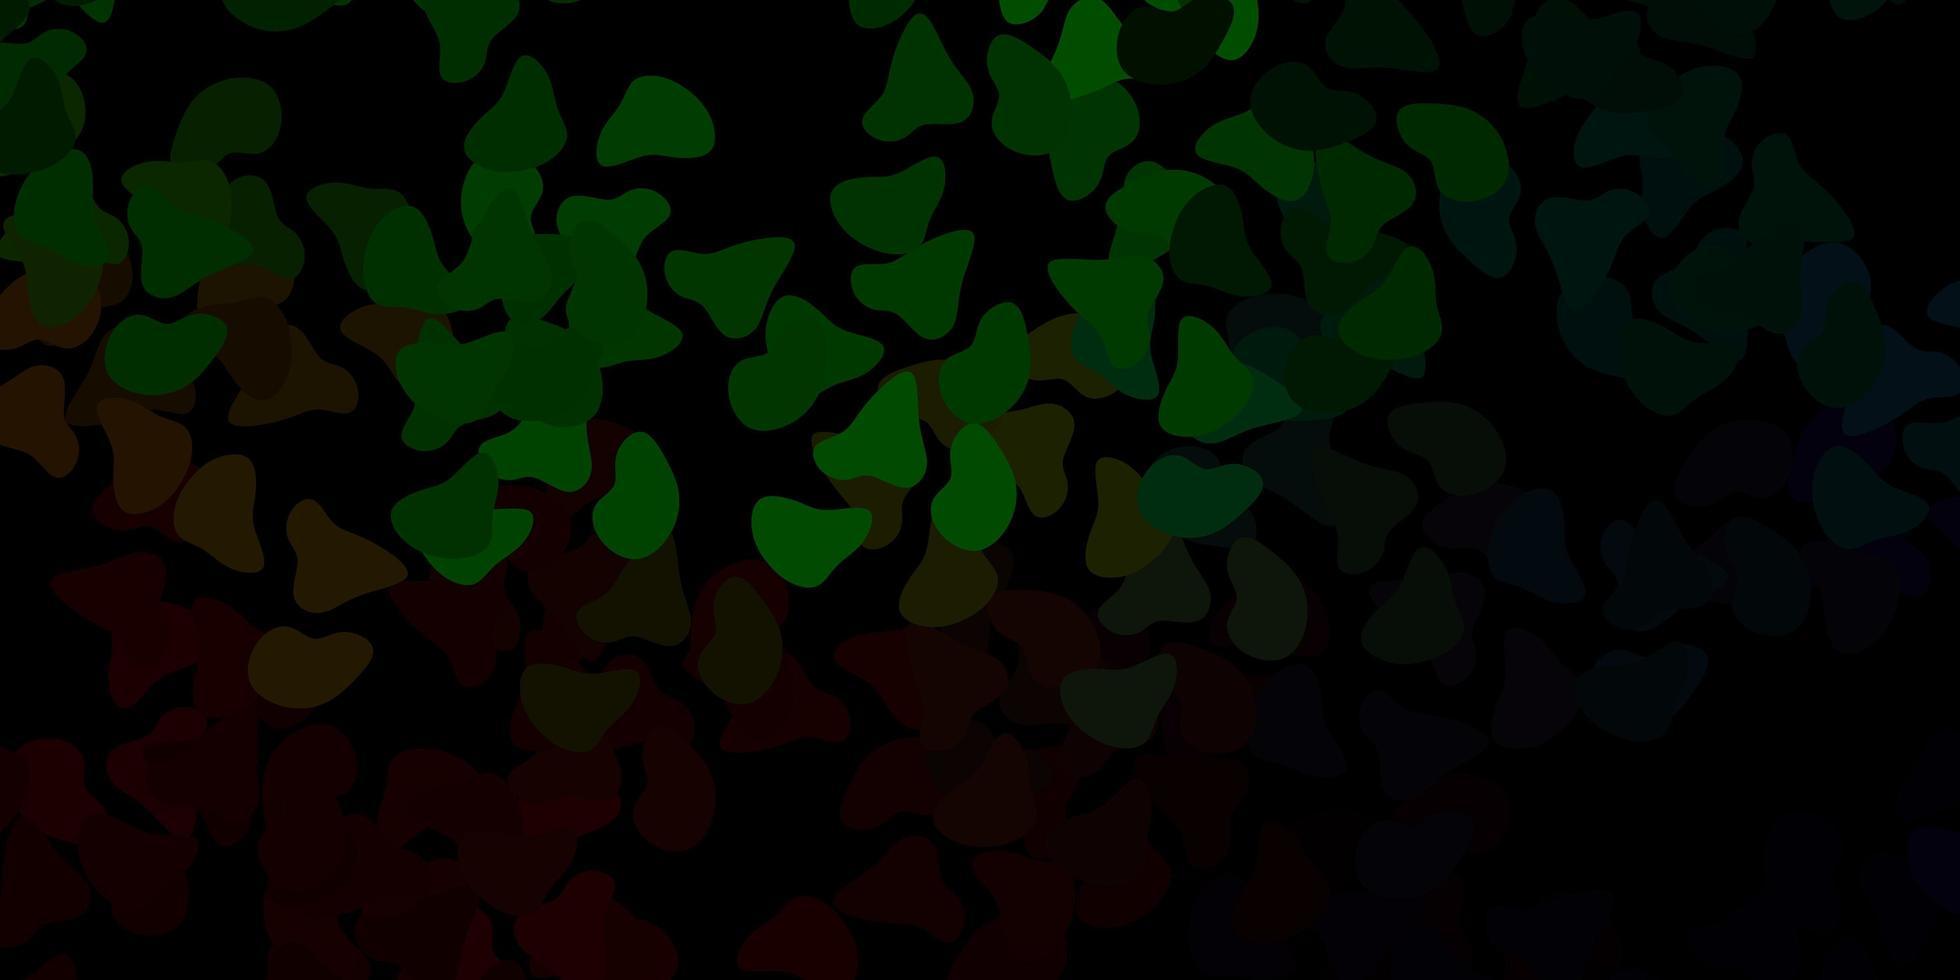 mörkgrön vektormall med abstrakta former. vektor